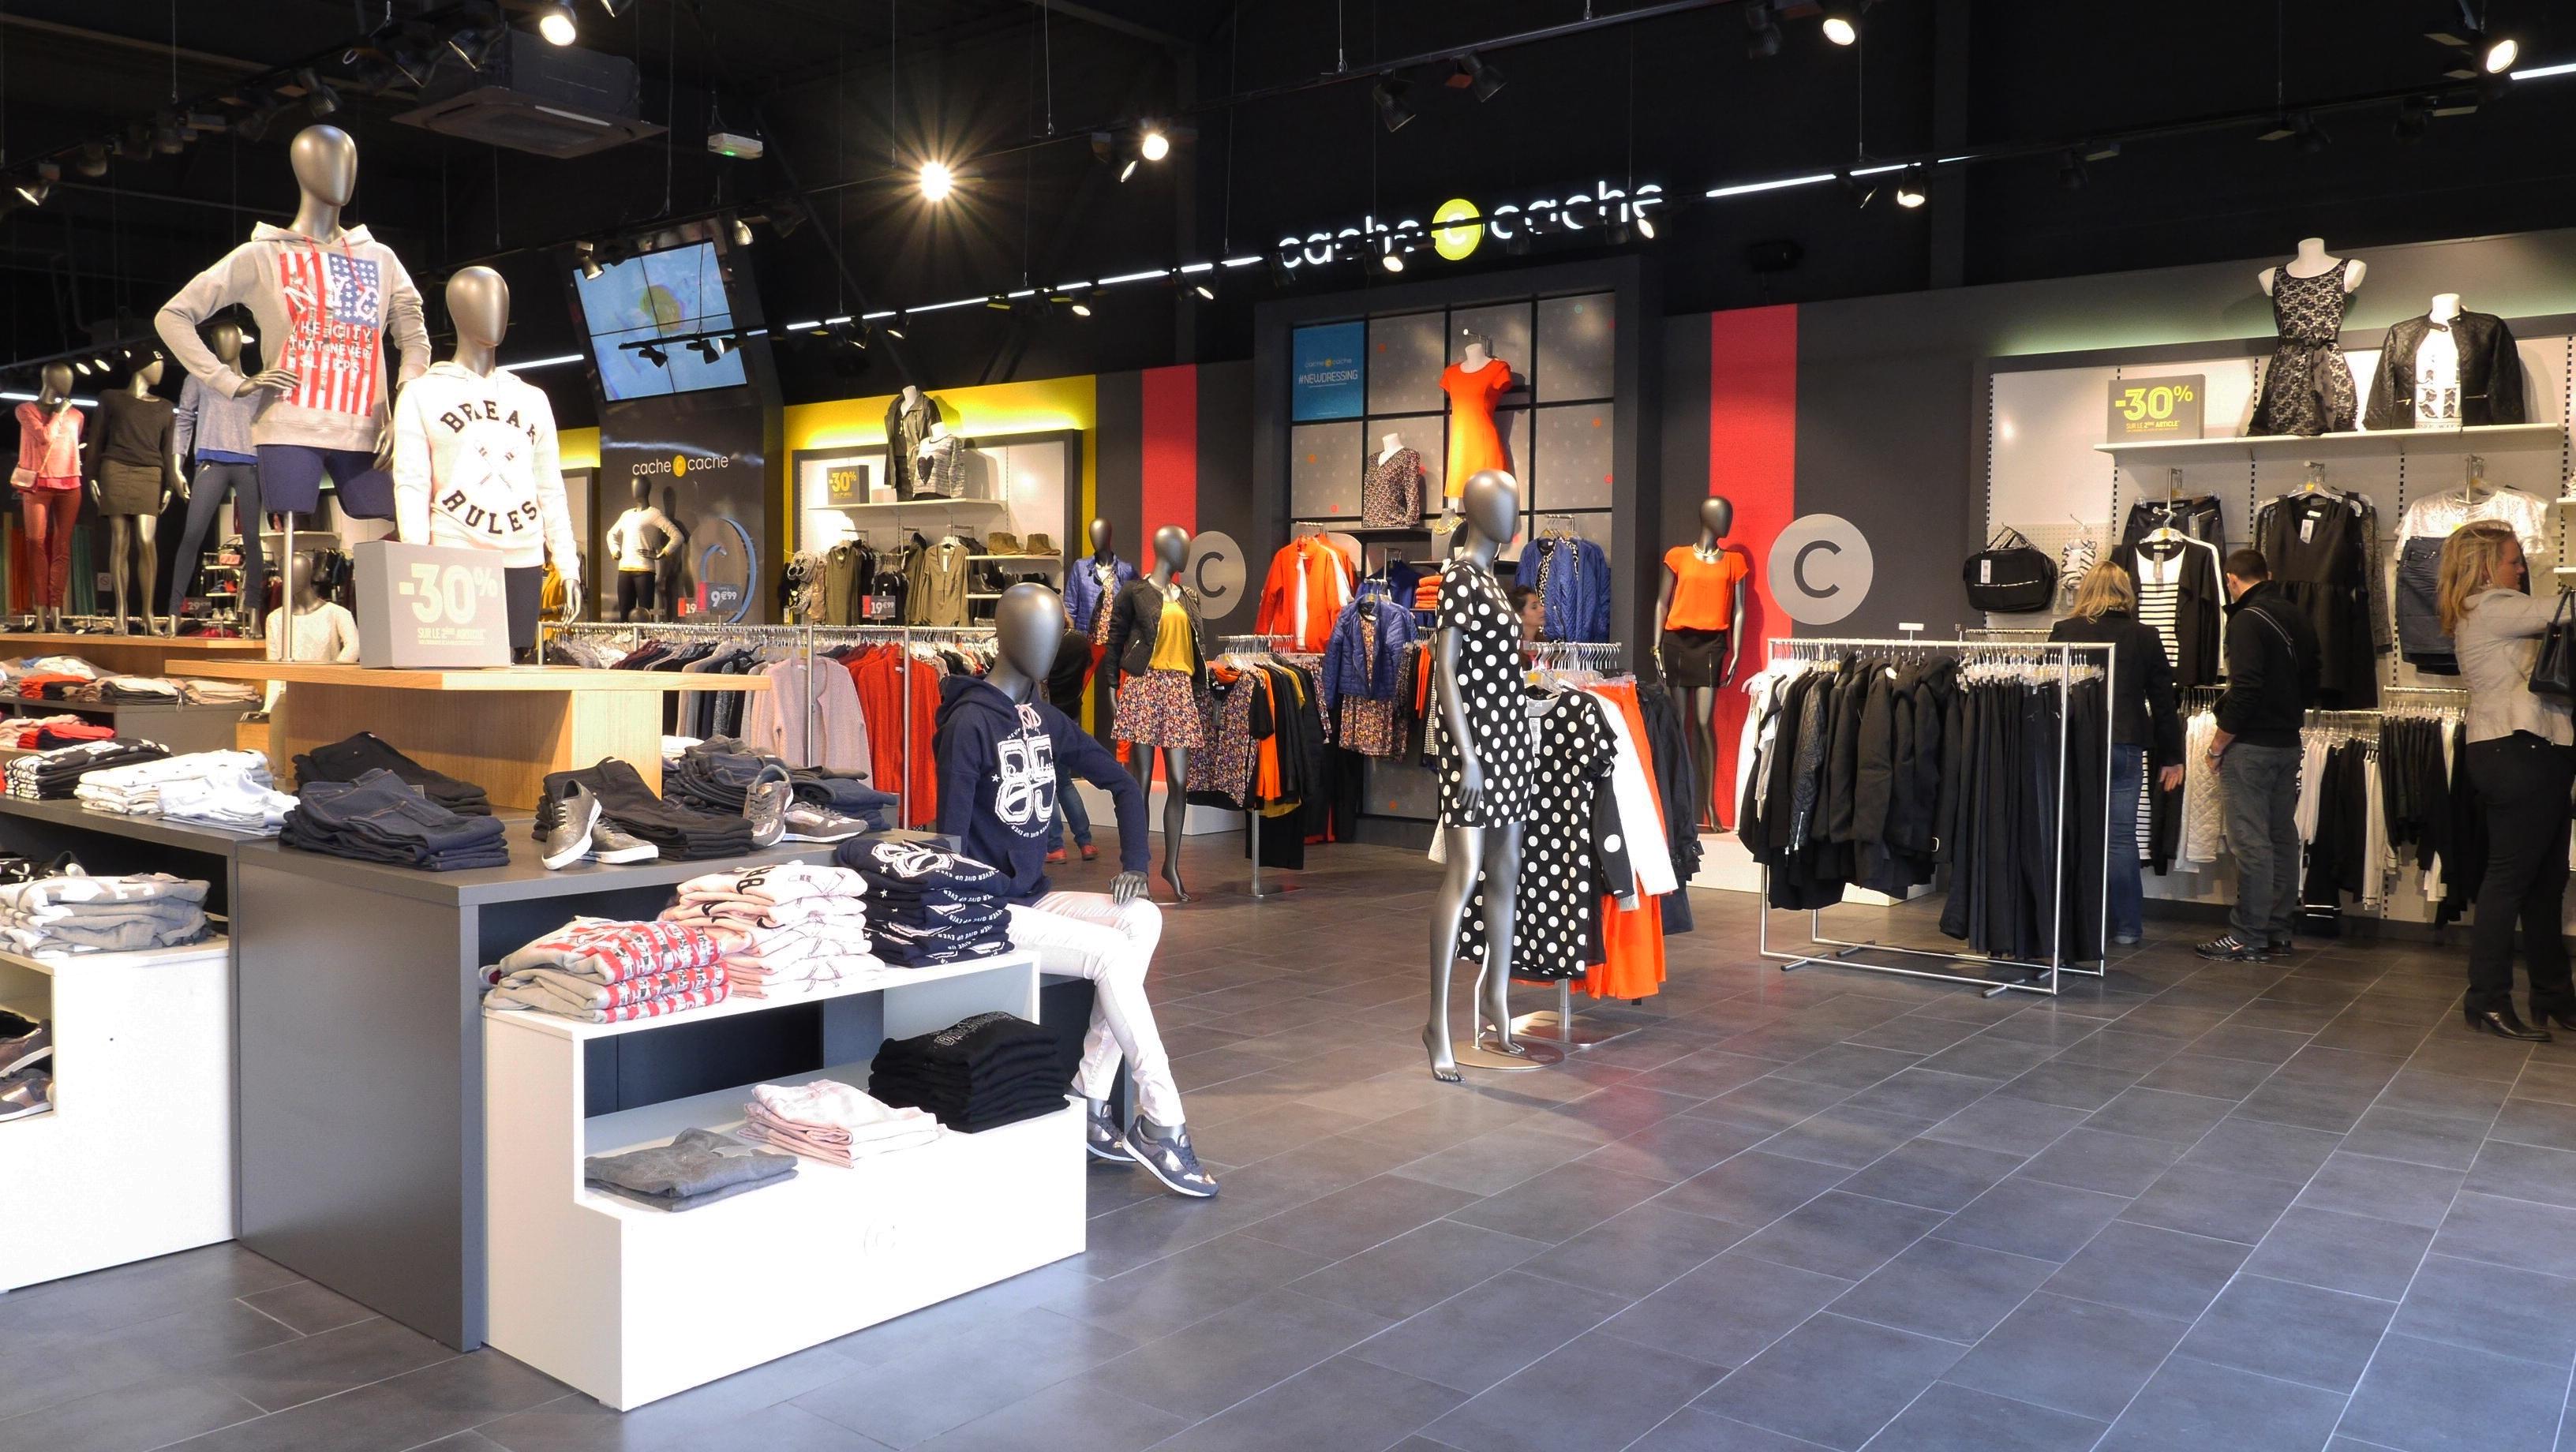 Cache cache fait entrer m pokora pour la textile habillement - La redoute interieur magasin ...